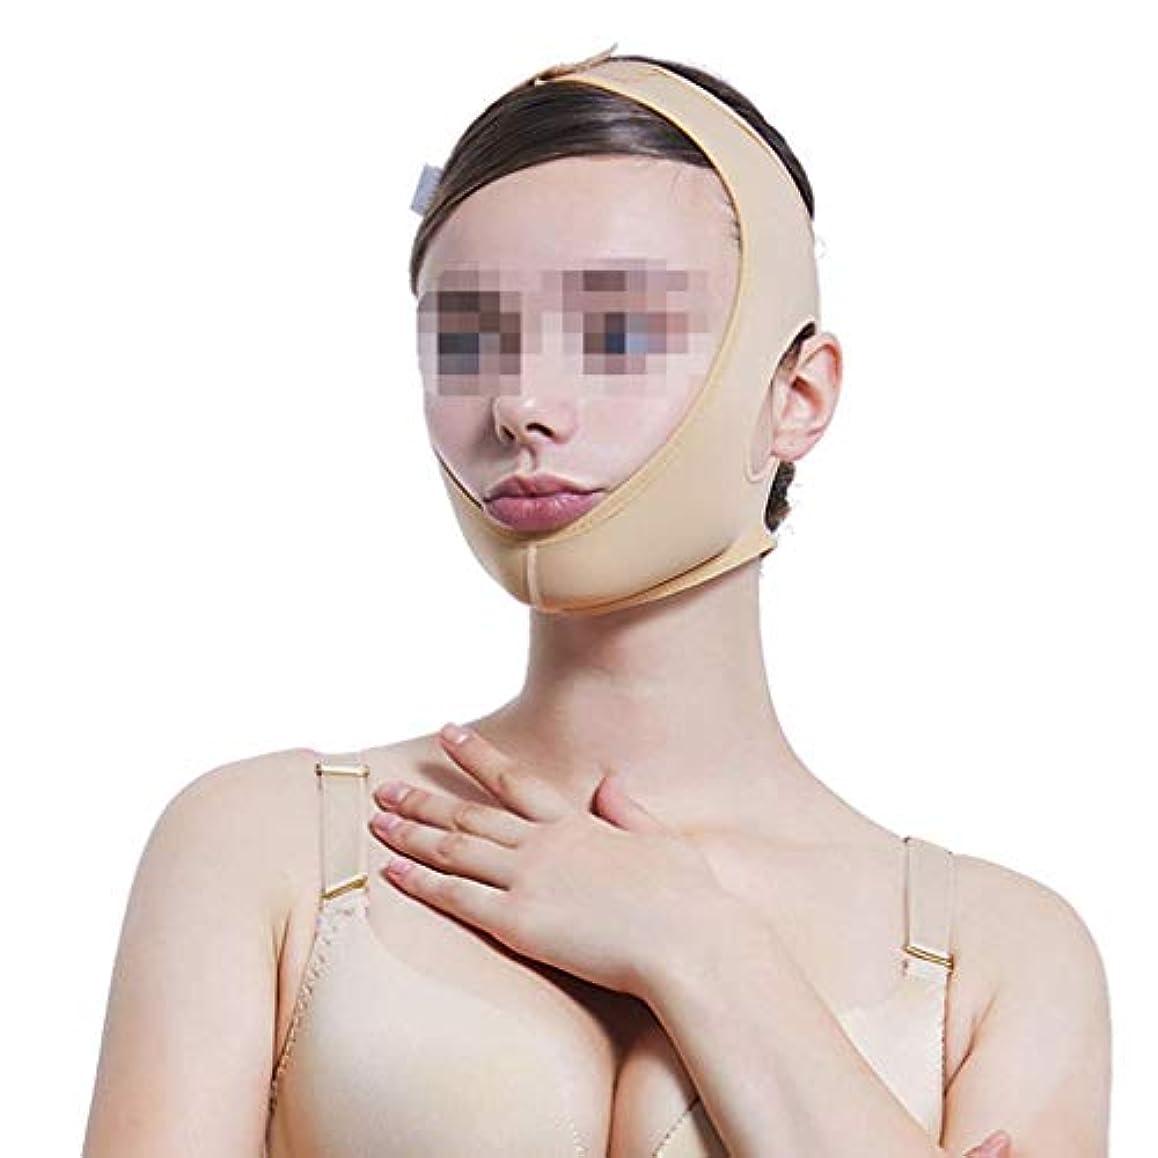 振り返るフィクション反対ビームフェイス弾性ヘッドギア、ダブルあごのあごのセットをマスクの後に線彫り薄いフェイス包帯マルチサイズオプション(サイズ:XS),XS